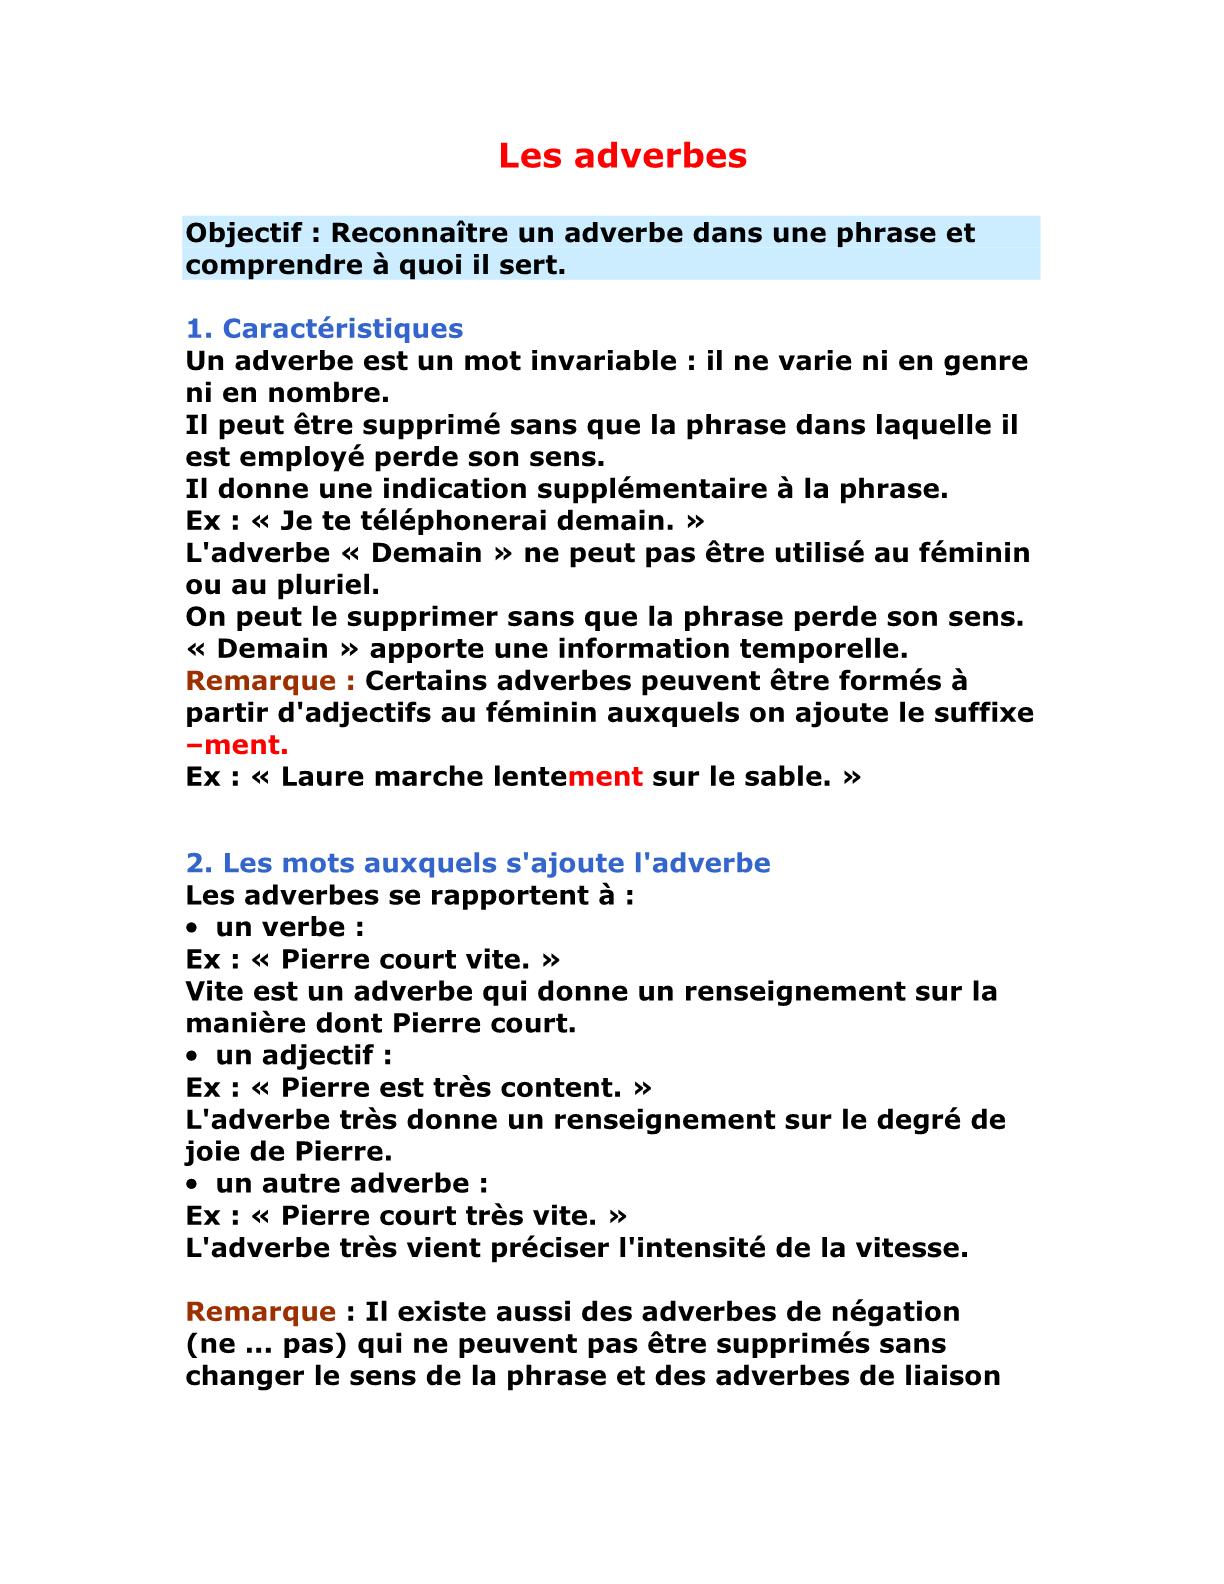 درس Les adverbes للسنة الأولى إعدادي - الدراسة